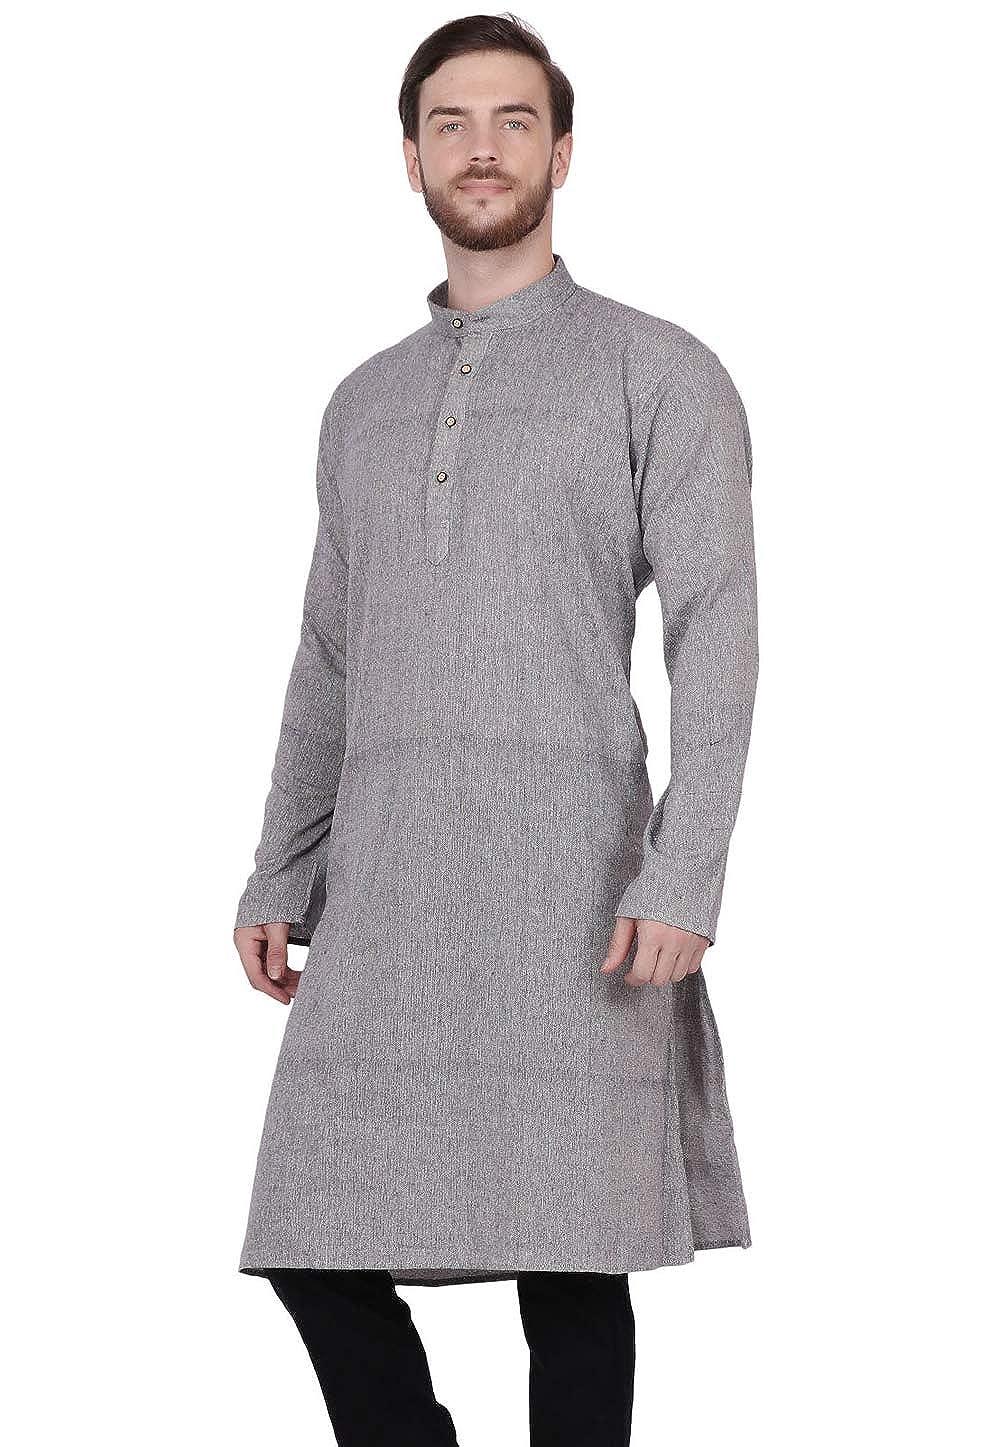 SKAVIJ Mens Indian Khadi Cotton Kurta Shirt Ethnic Cloth